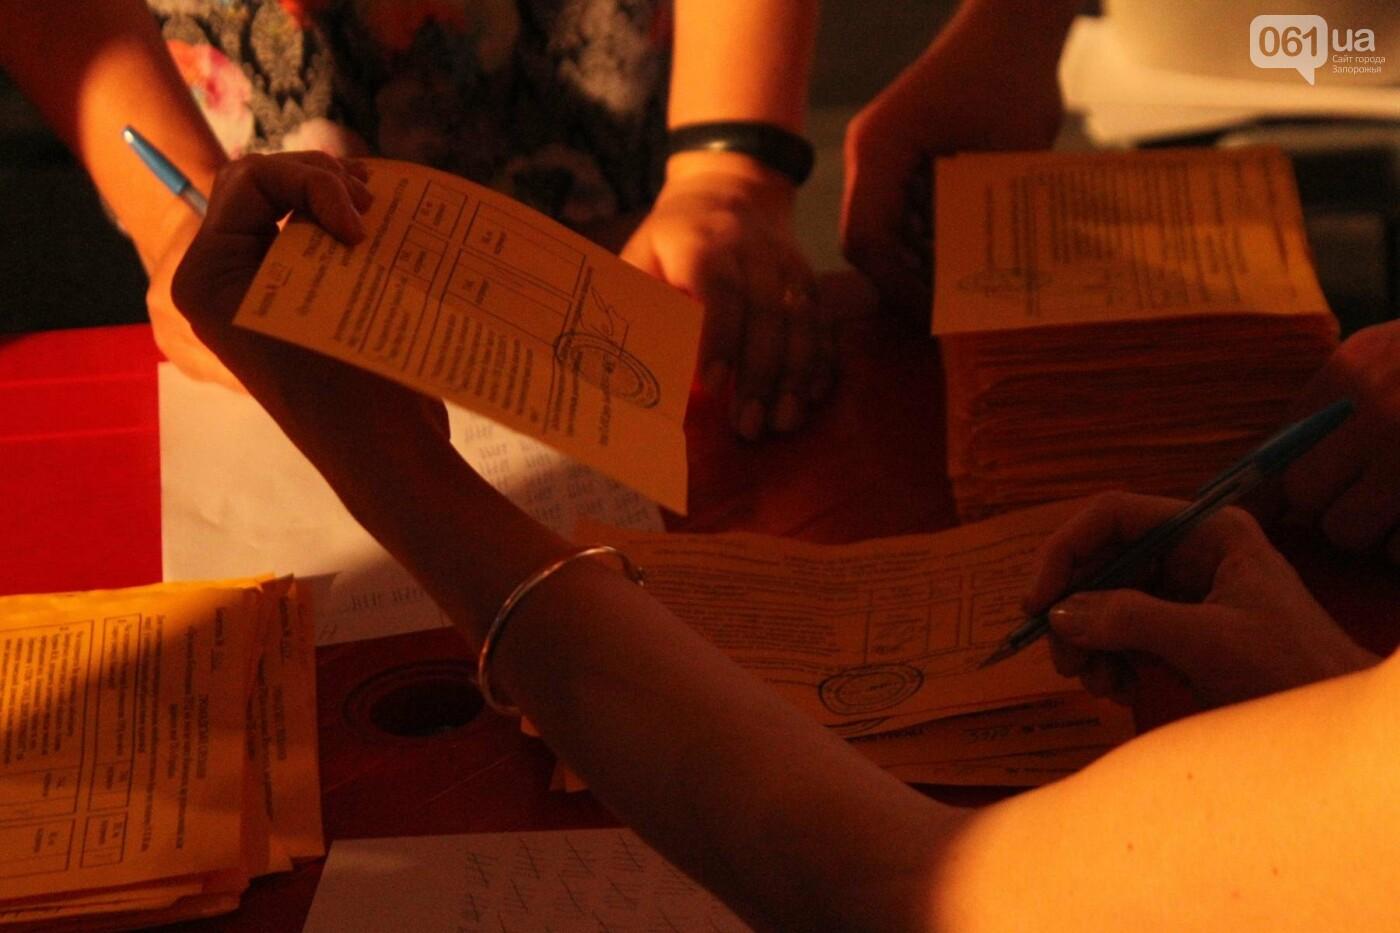 Запорожцы на общественных слушаниях проголосовали против строительства ТЦ Кальцева в сквере Яланского, - ФОТОРЕПОРТАЖ, ВИДЕО, фото-15